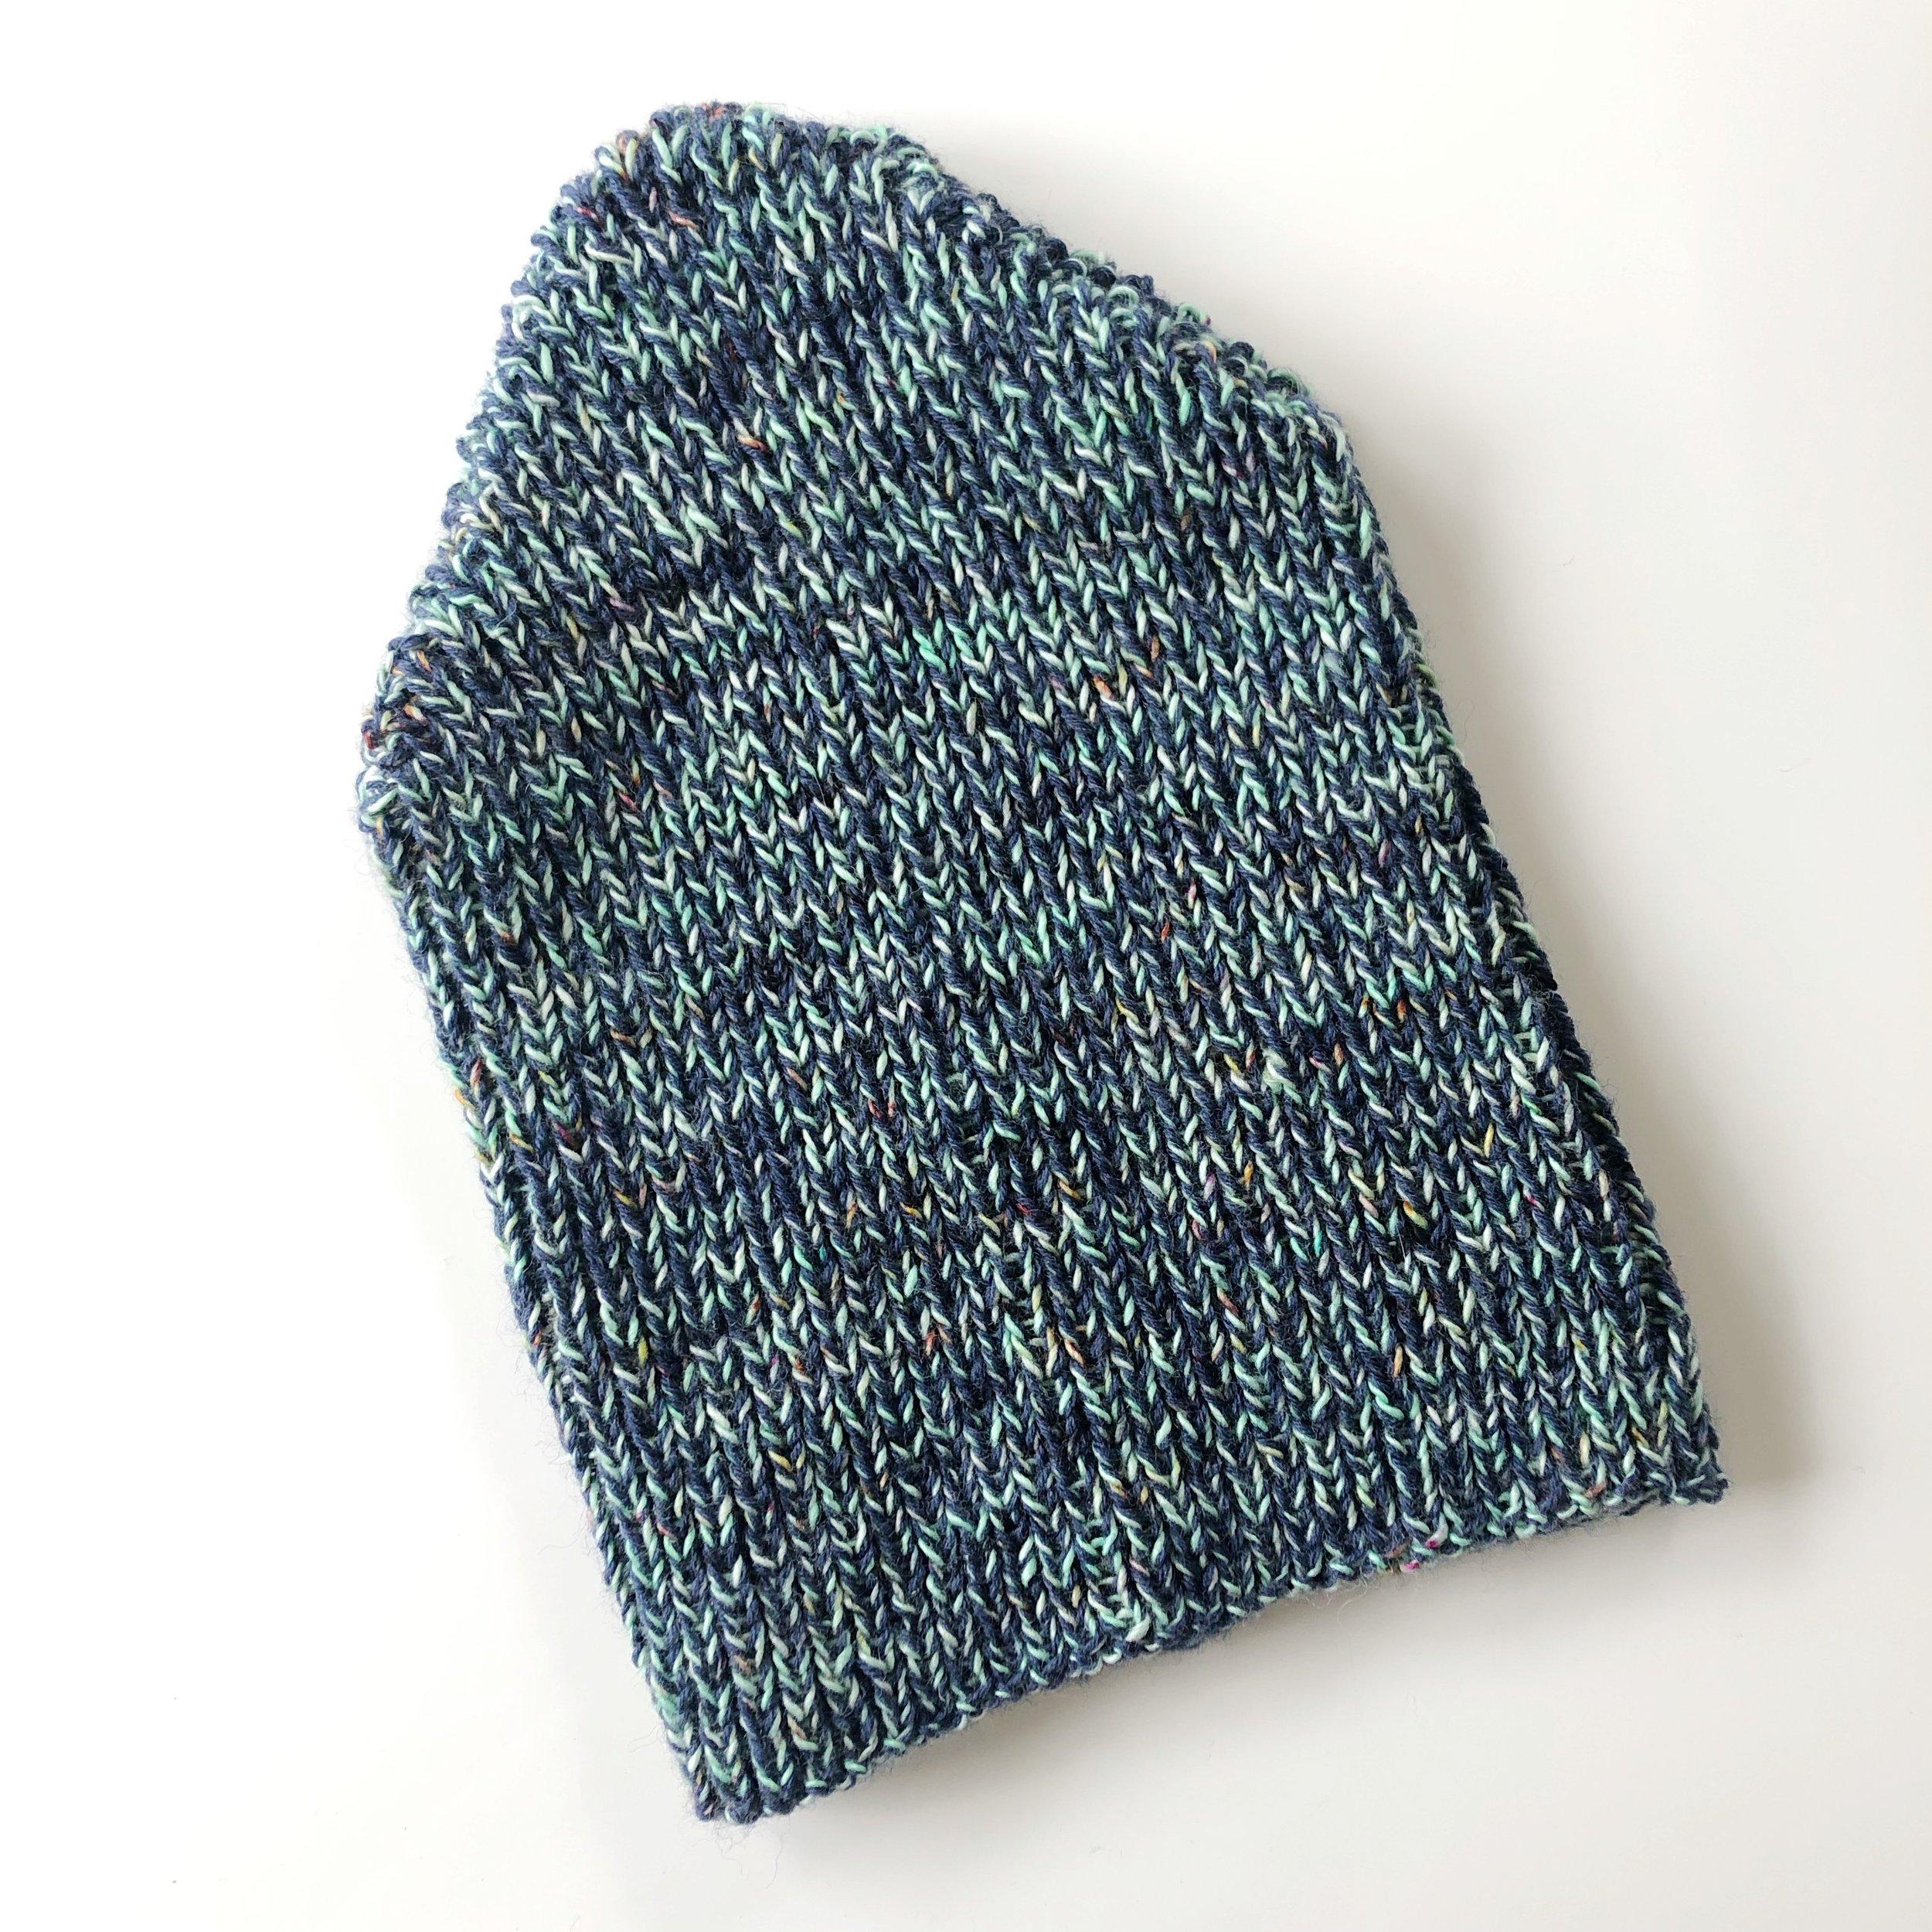 Knitdiaries-make-it-fiited-make-it-slouch-test-knit-1.JPG